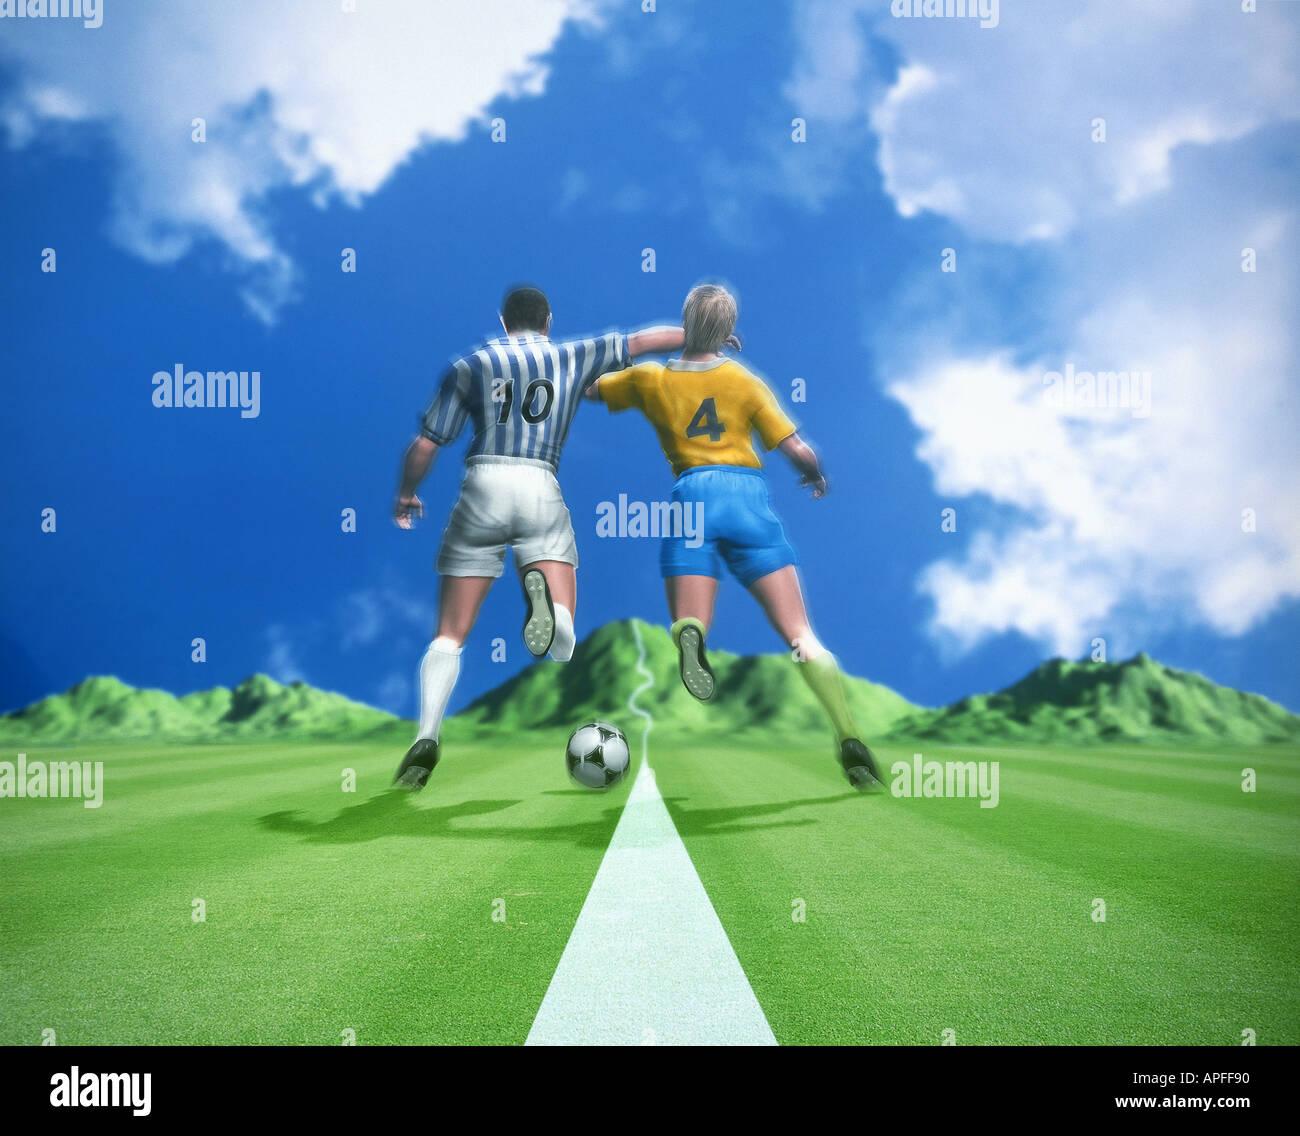 Sport Illustrationen Computergrafik CG-Team Sport-Ballsport-Fußball-Fußball Stockbild